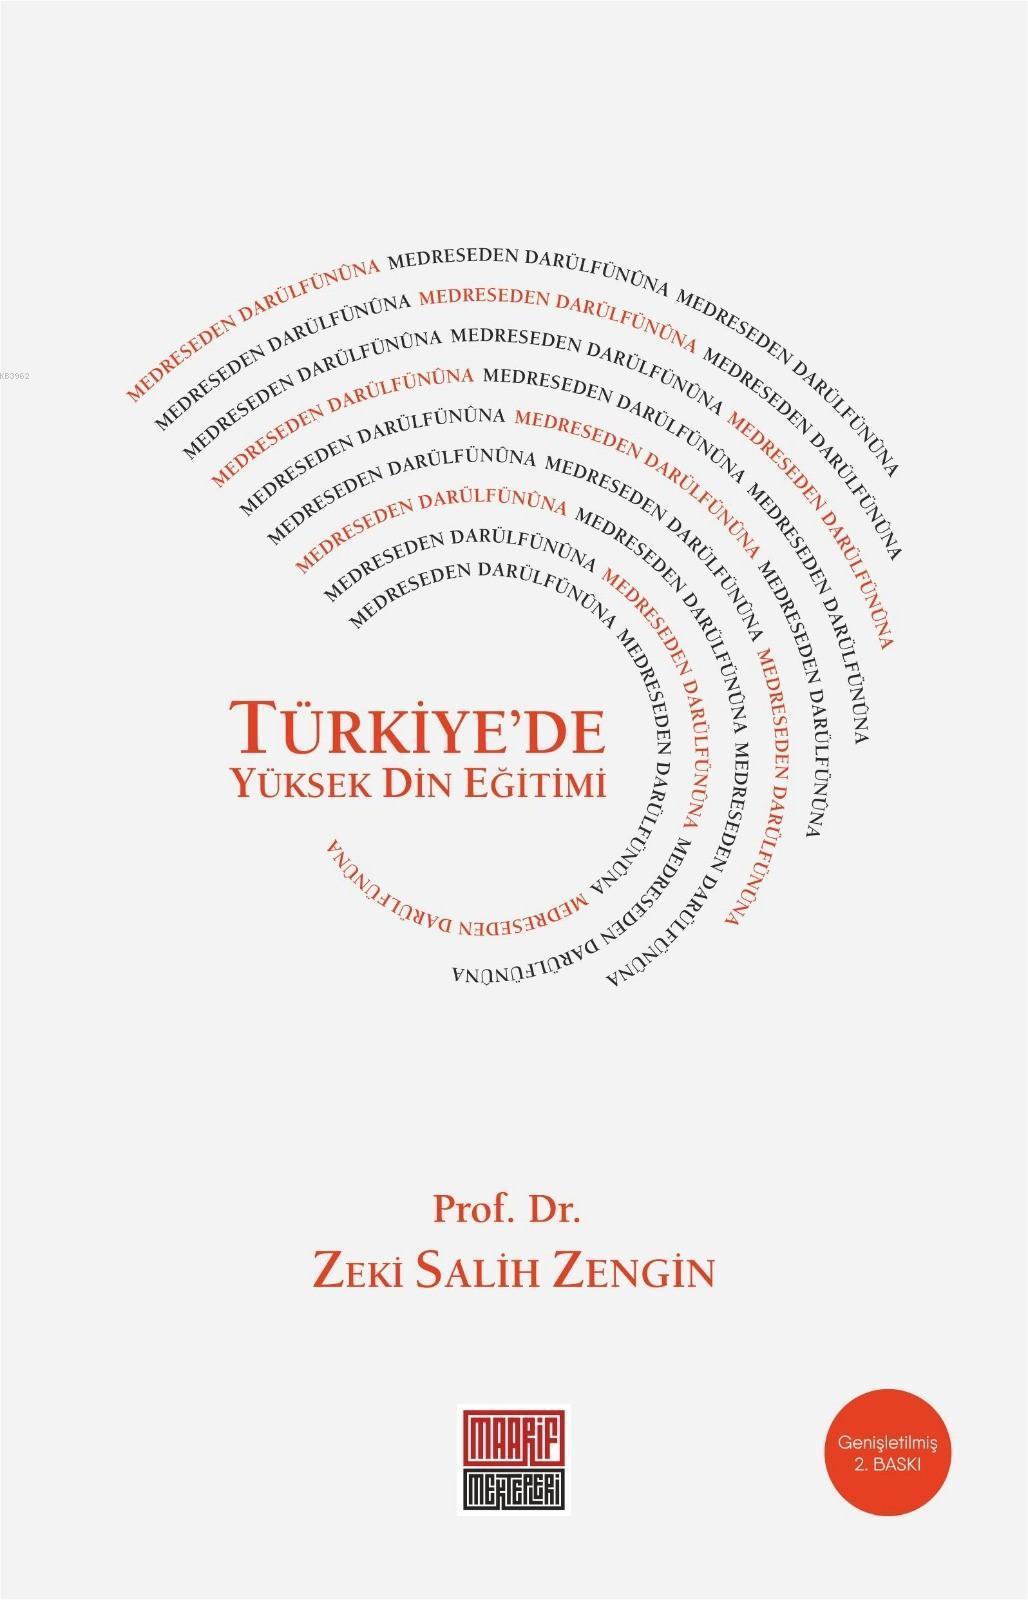 Medreseden Darülfünûna Türkiye'de Yüksek Din Eğitimi